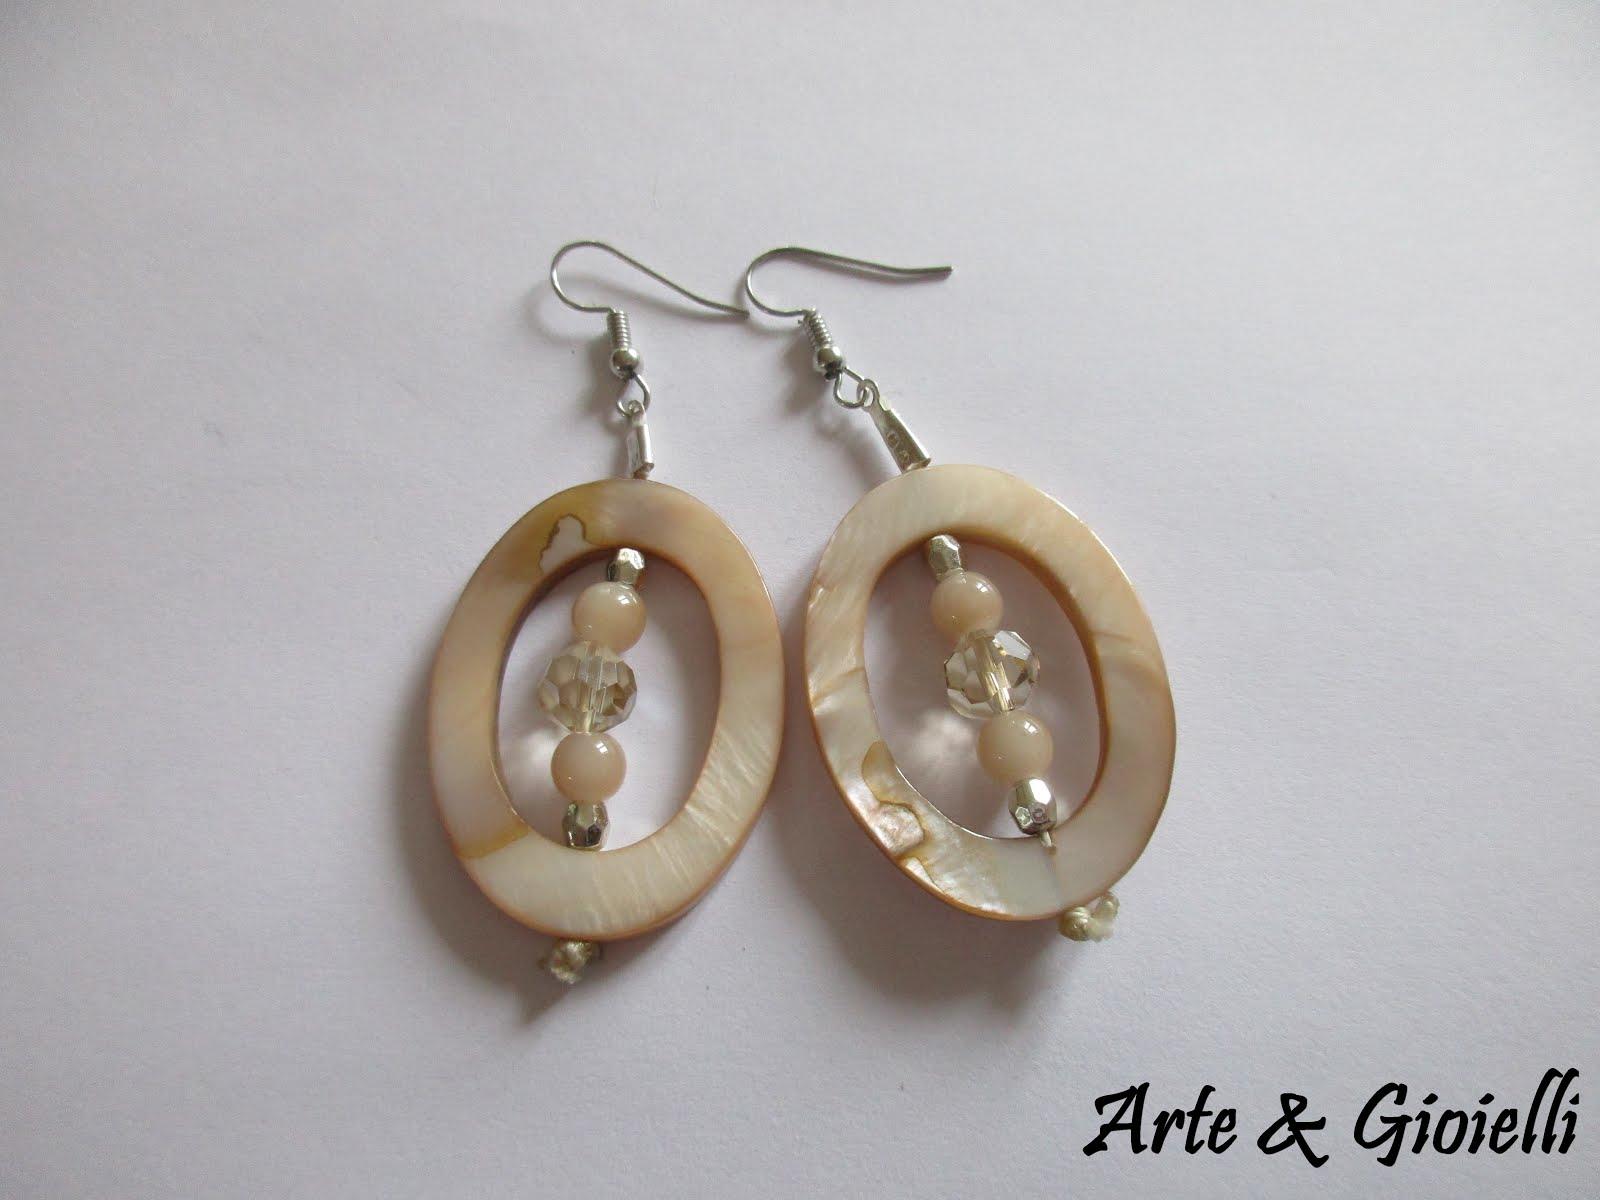 Arte gioielli orecchini con conchiglie e madreperla for Siti cinesi gioielli